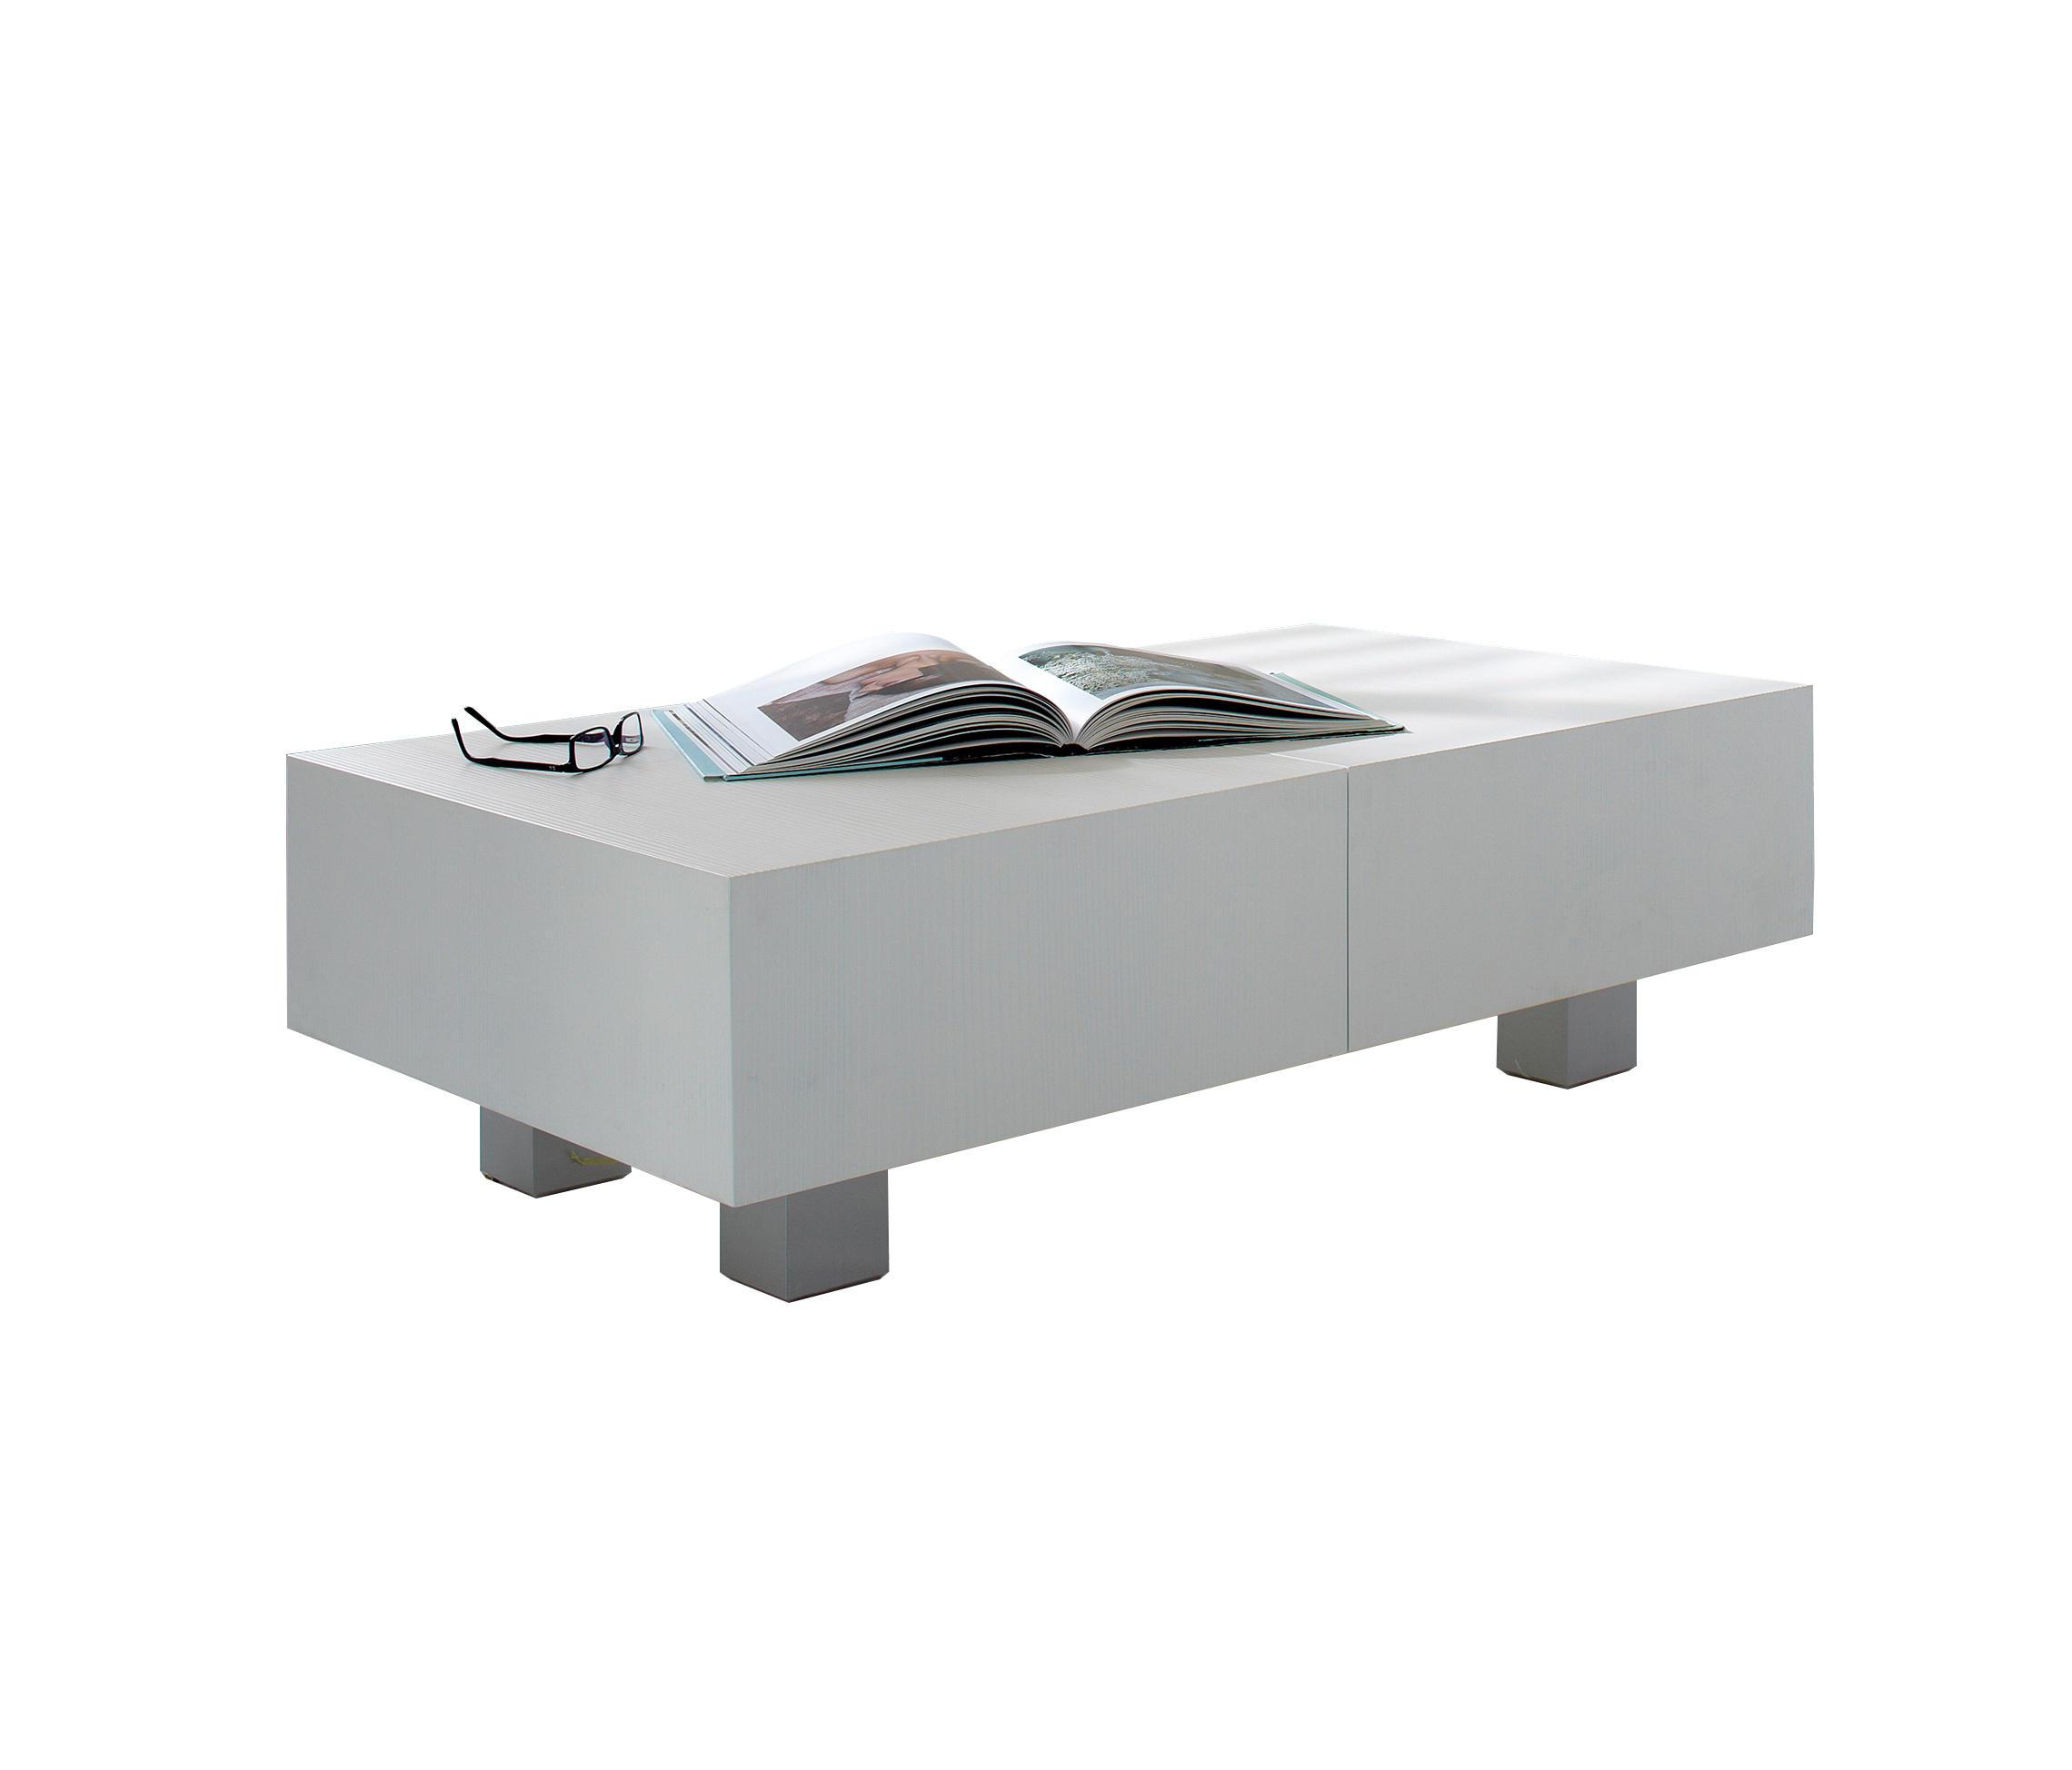 matchbox couchtische von schulte design architonic. Black Bedroom Furniture Sets. Home Design Ideas